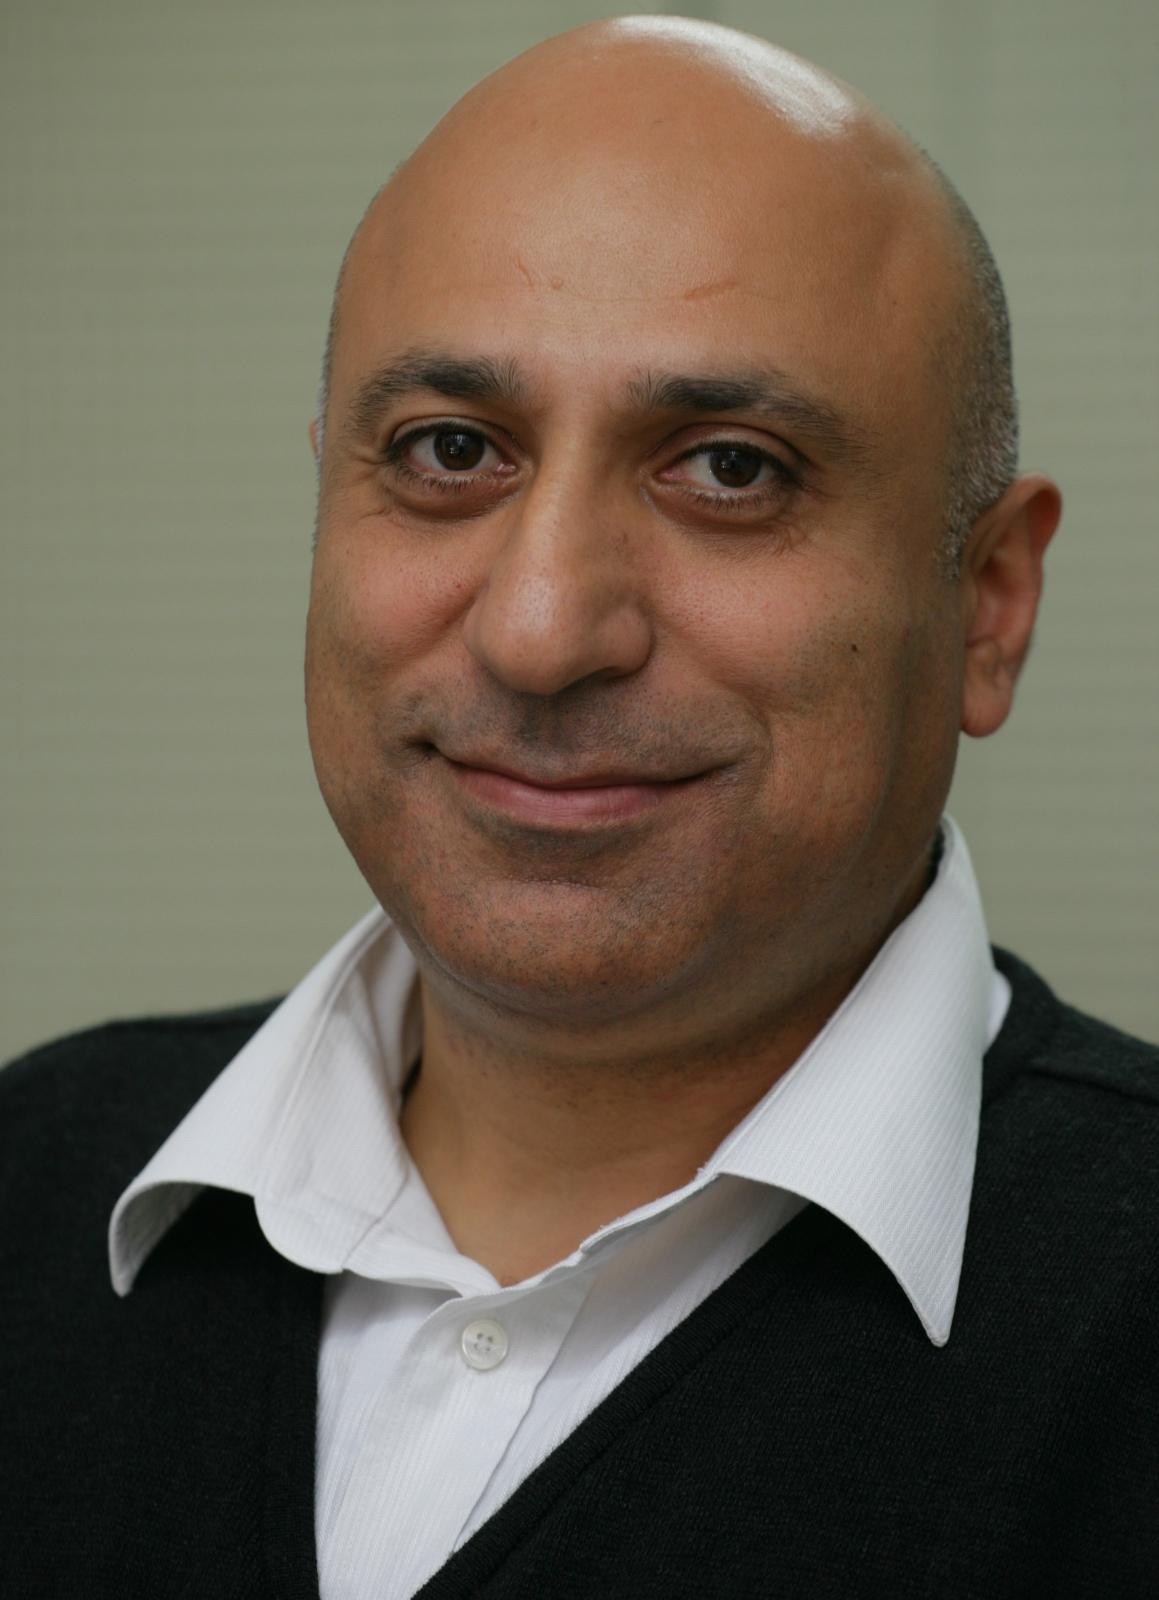 El profesor Yair Ein-Eli